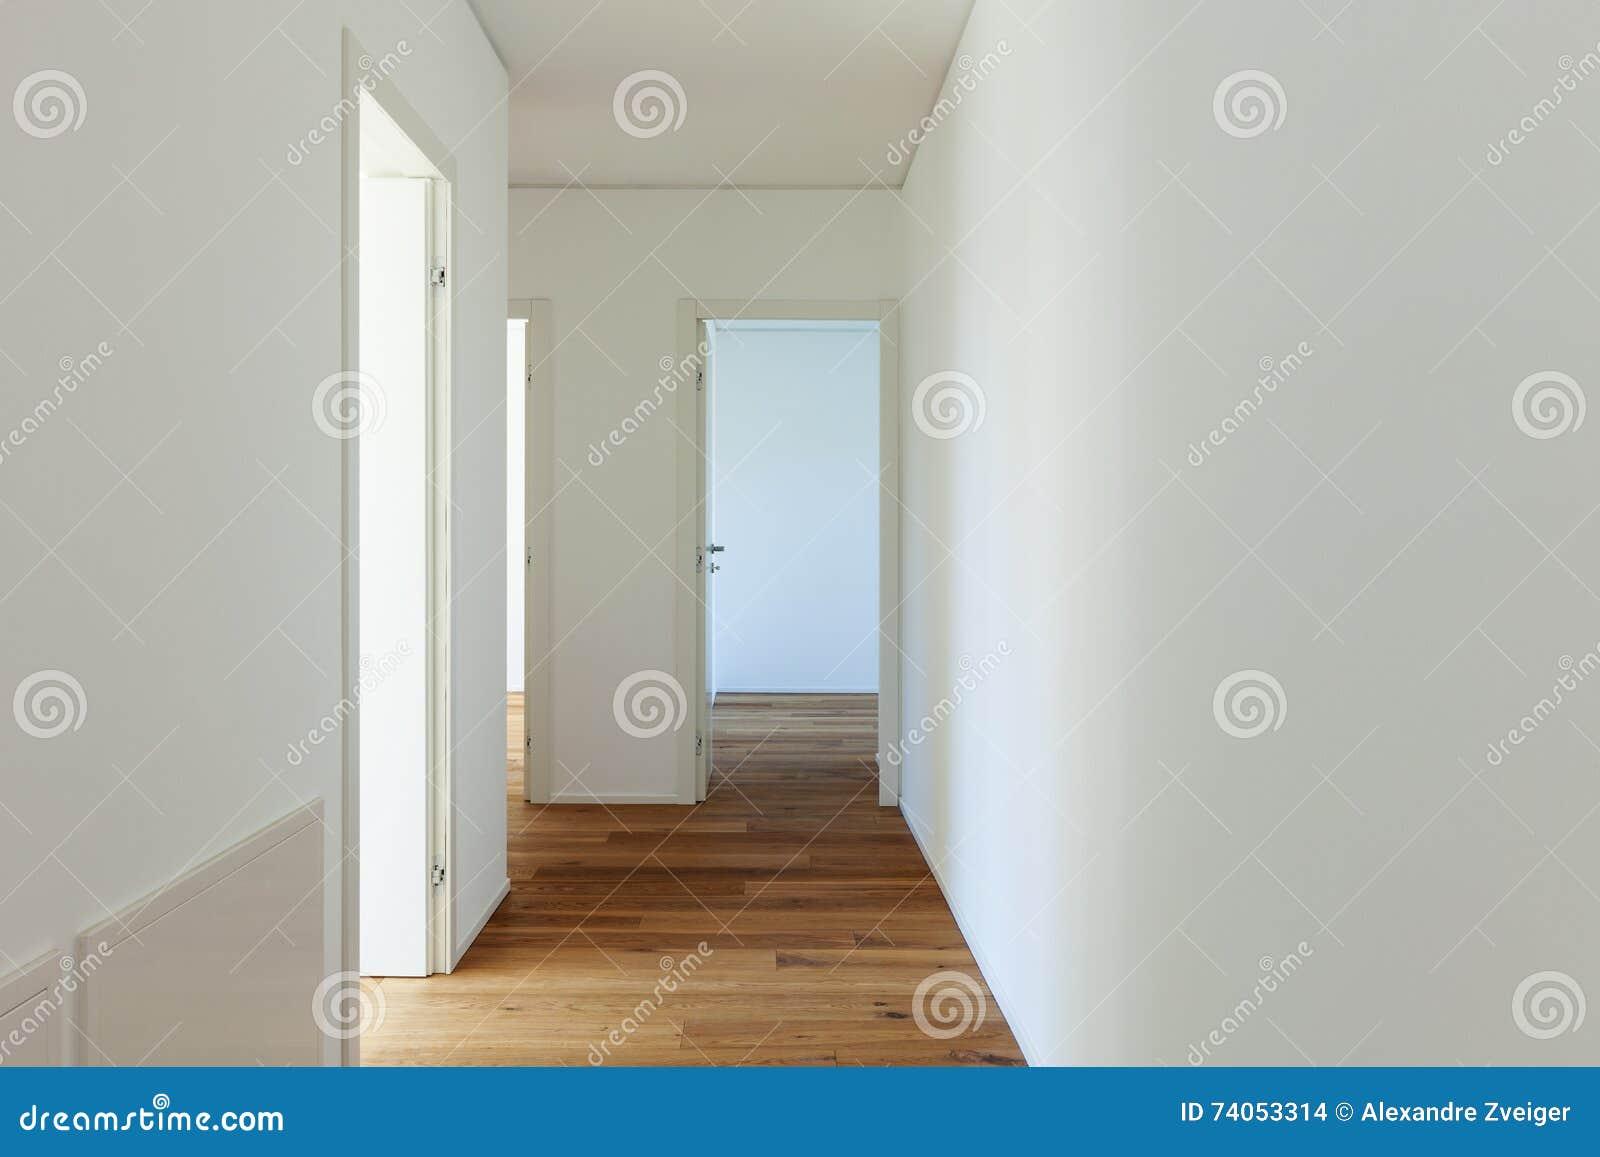 Corridoio Lungo Casa : Corridoio lungo con il pavimento di parquet fotografia stock